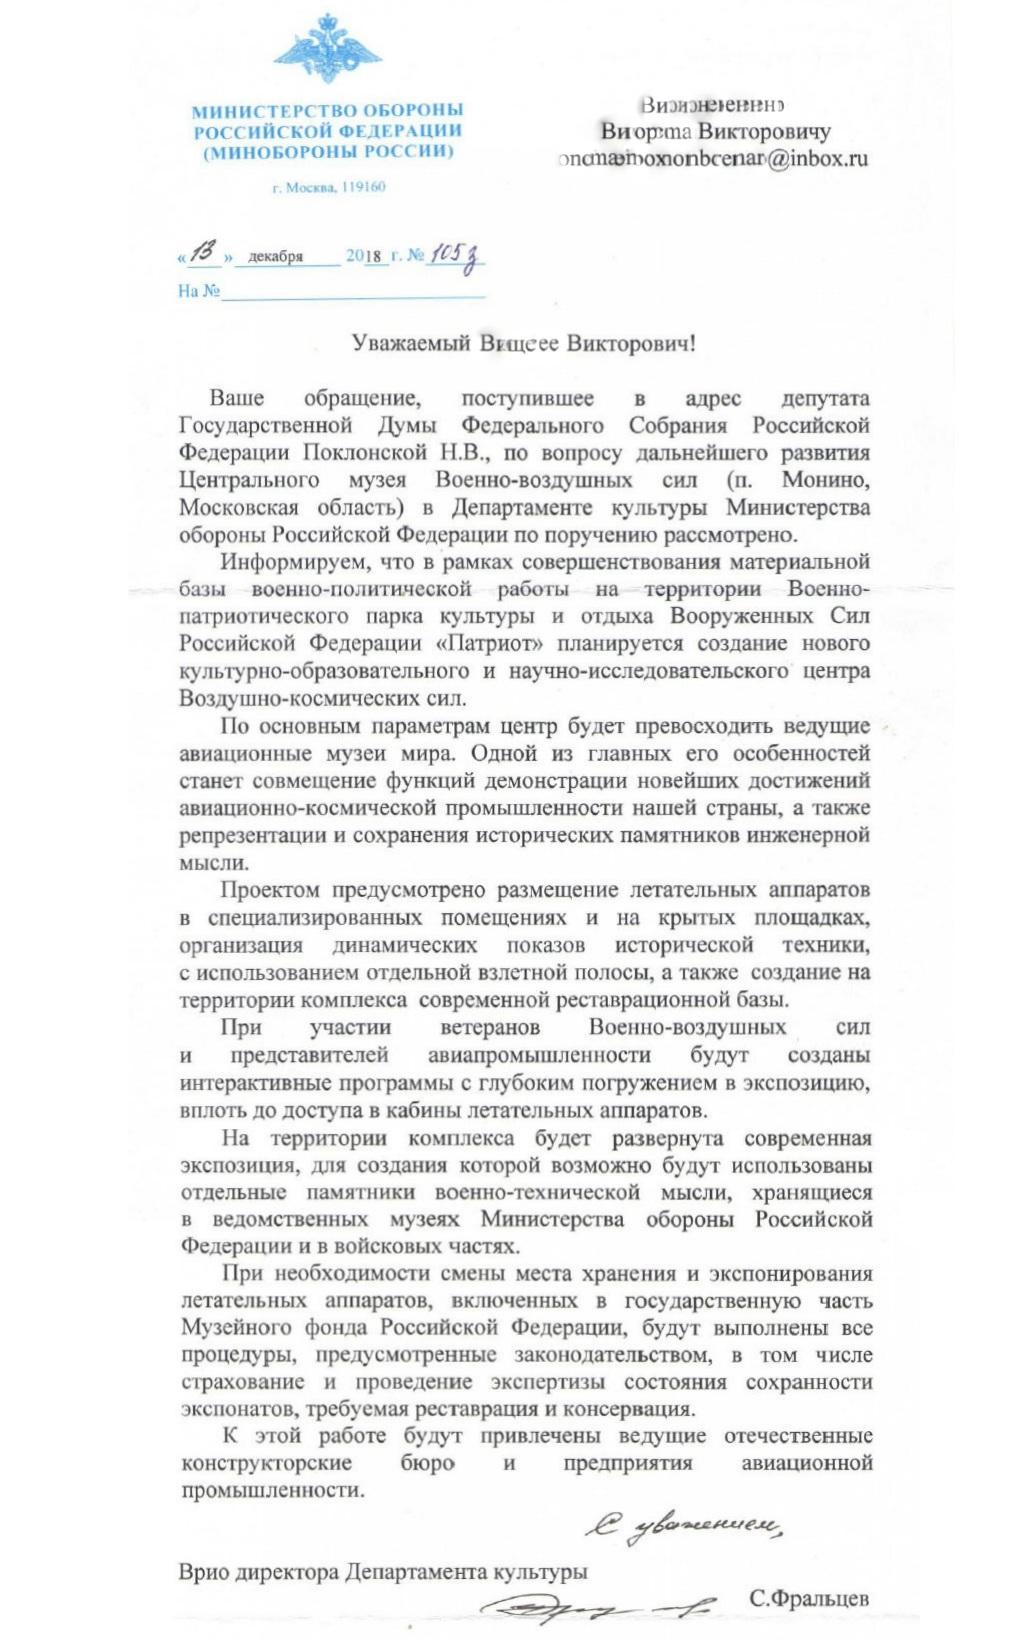 Ответ Фральцева.jpg